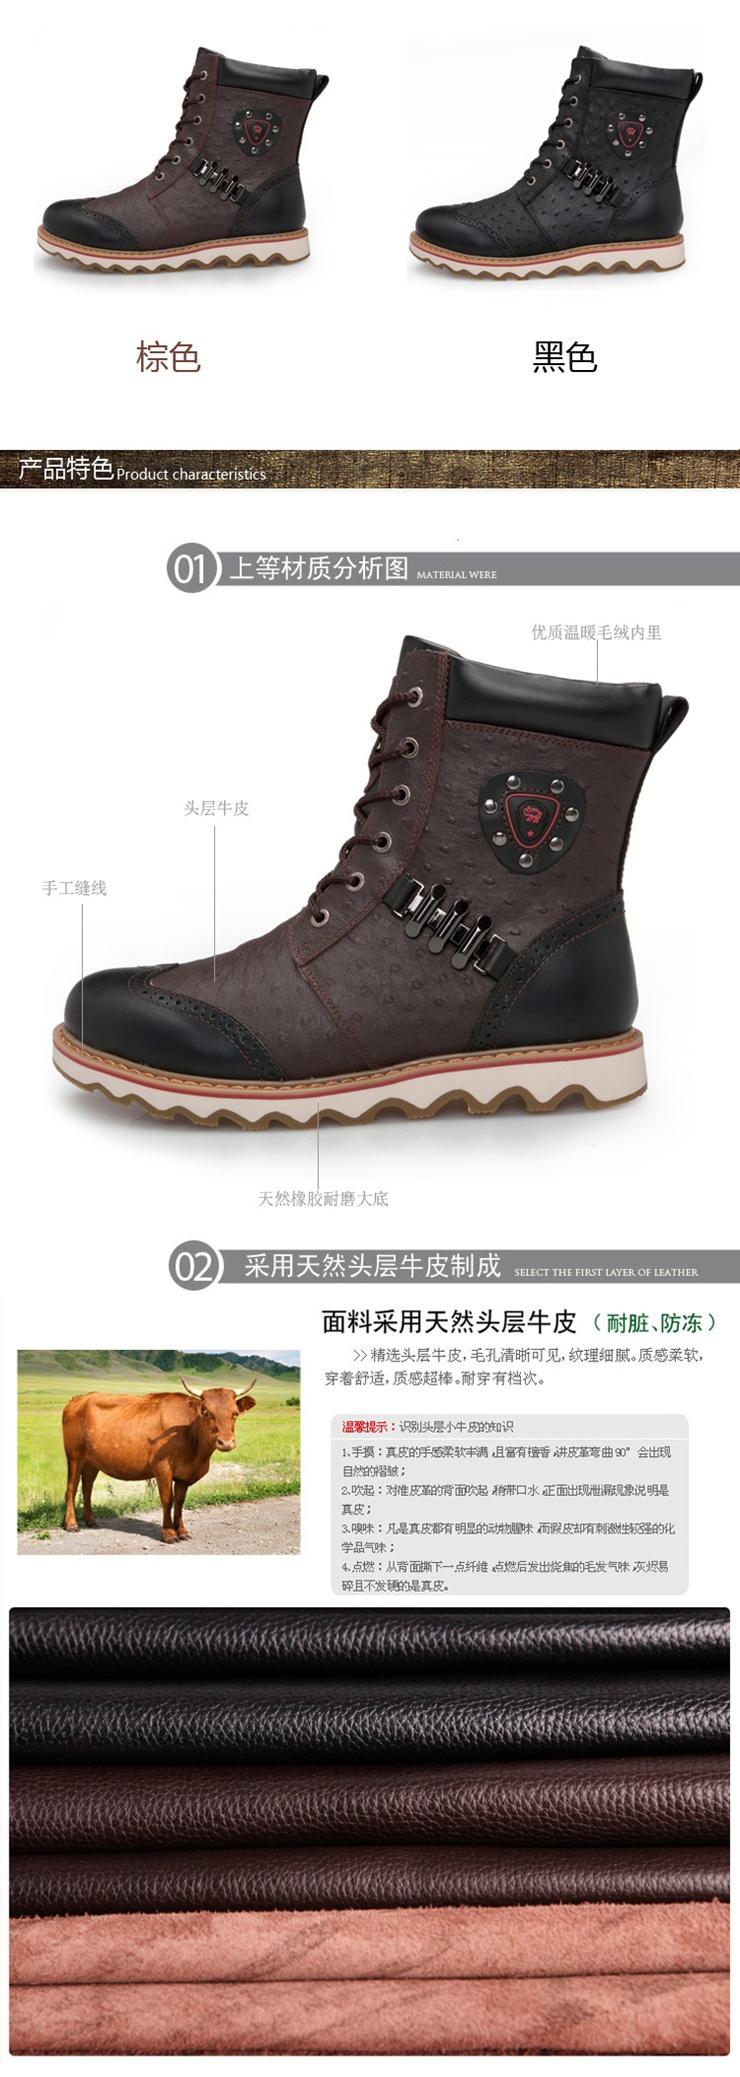 男鞋马丁雪地棉靴